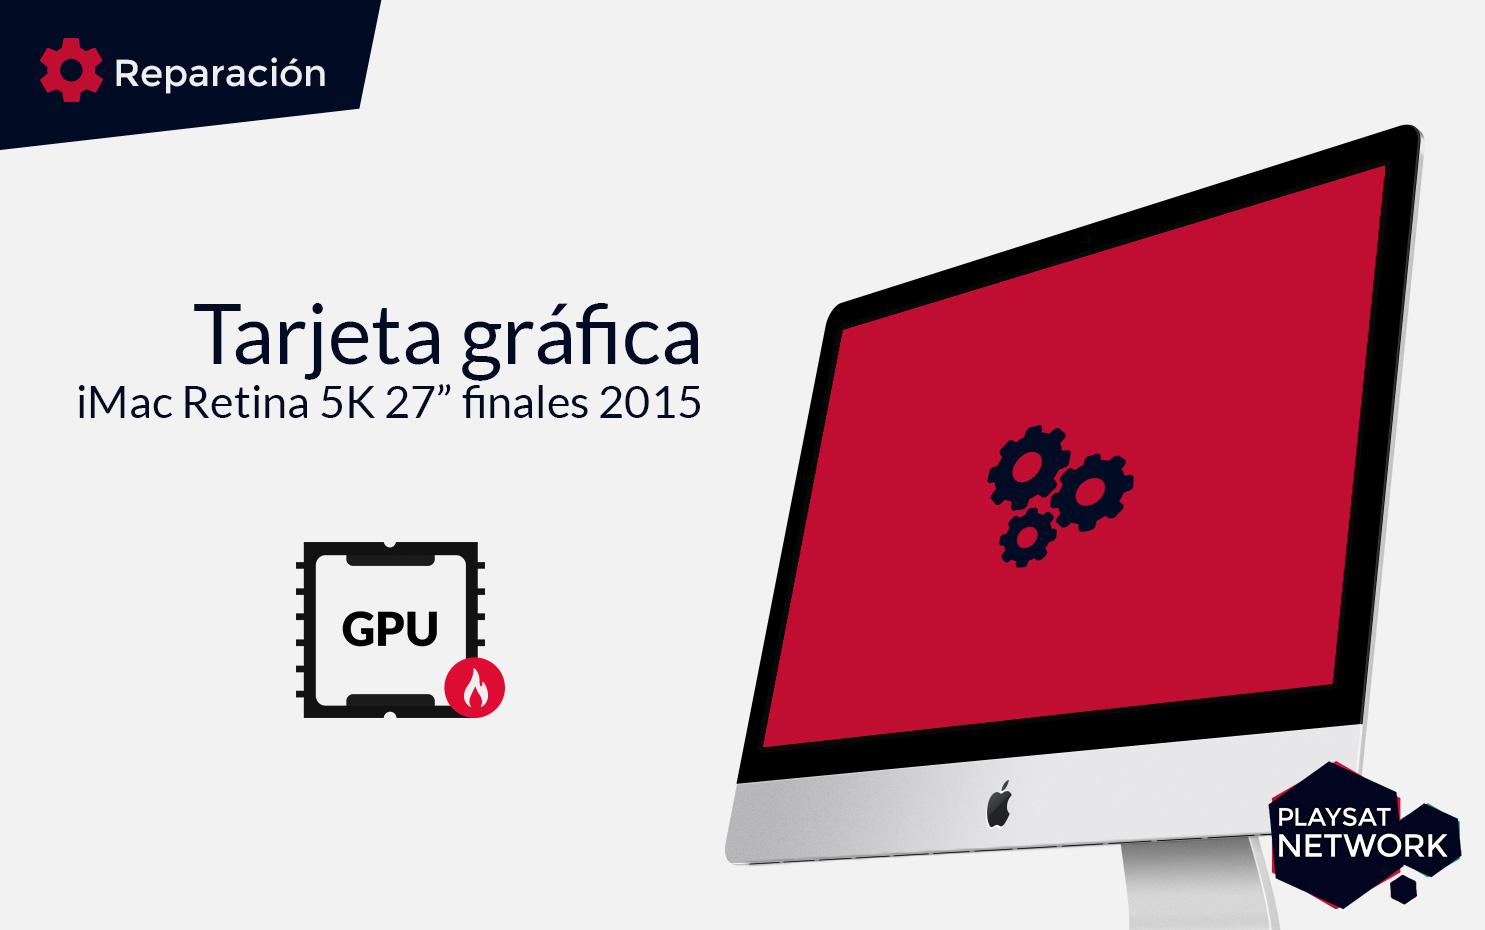 Reparar-tarjeta-gráfica-iMac-Retina-5K-27-pulgadas-finales-2015